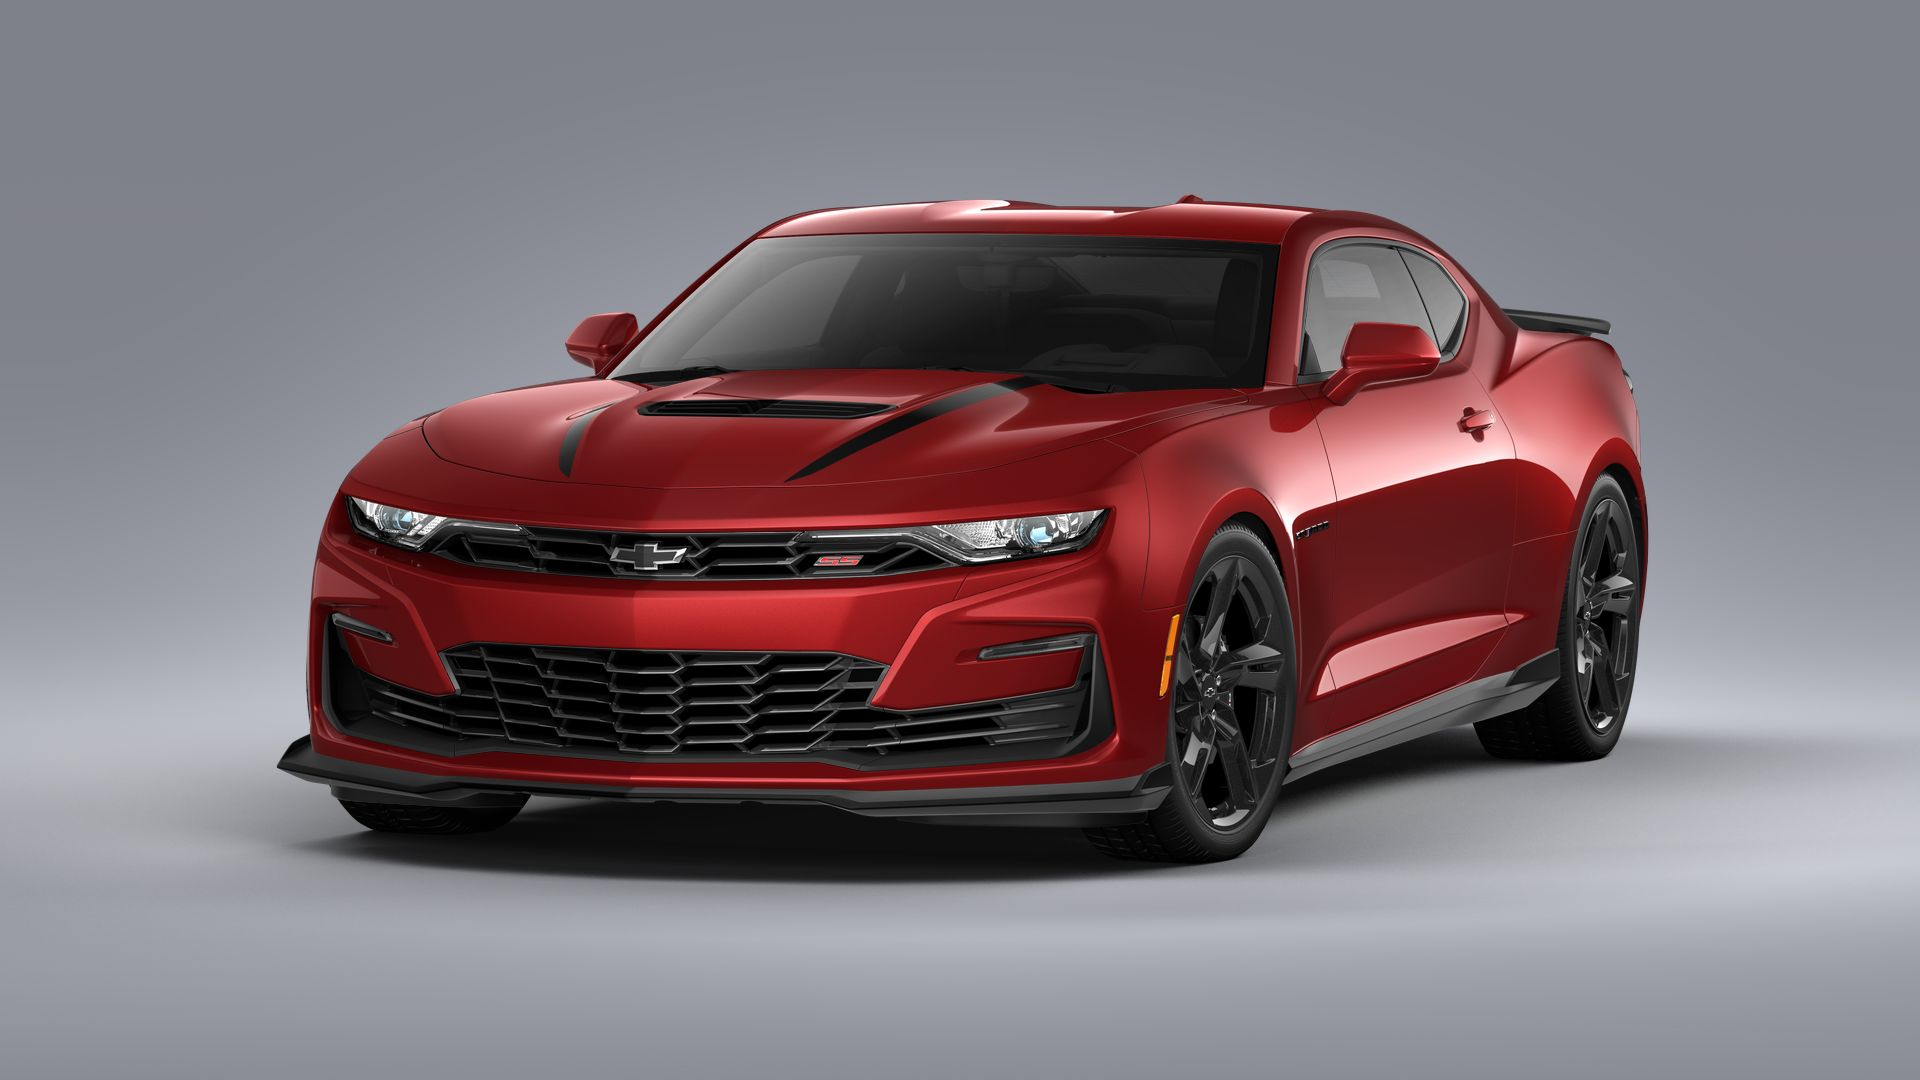 2022 Chevrolet Camaro Coupe